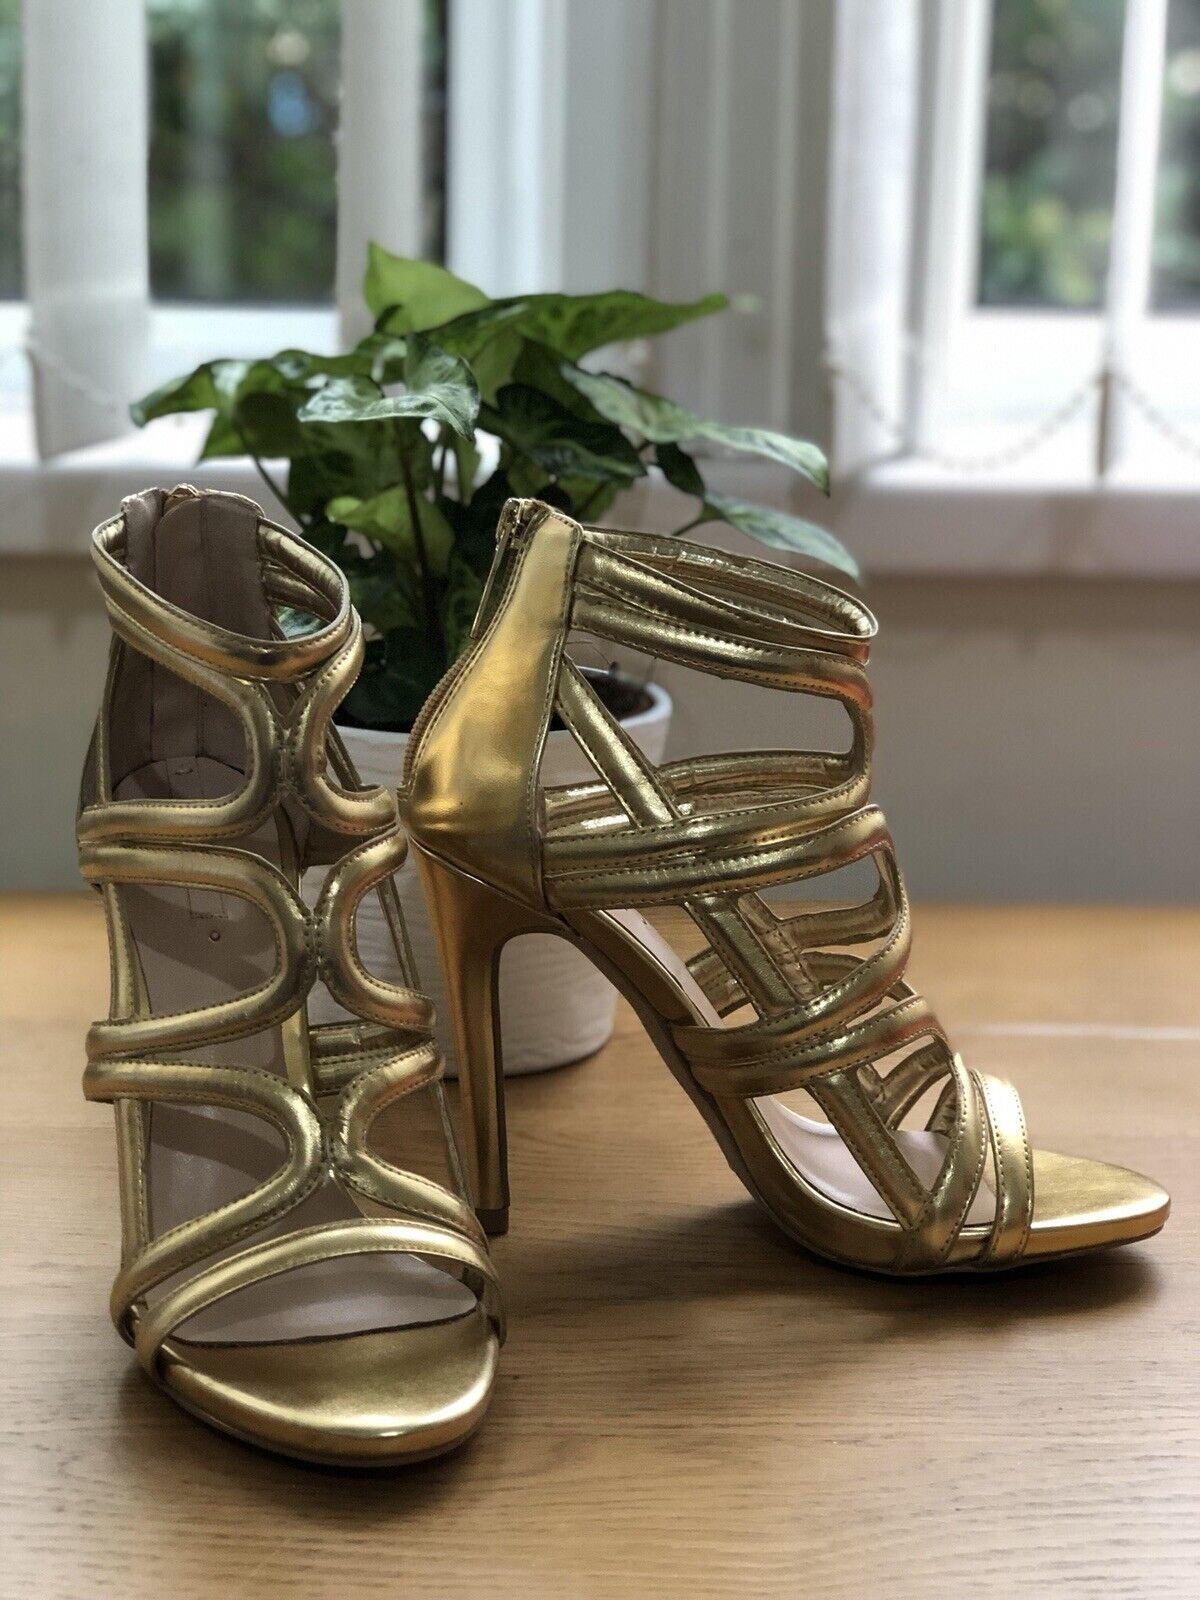 Aldo Or Lanière Stilettos Sandales chaussures Carminati mariage fête Taille 4 EUR 37